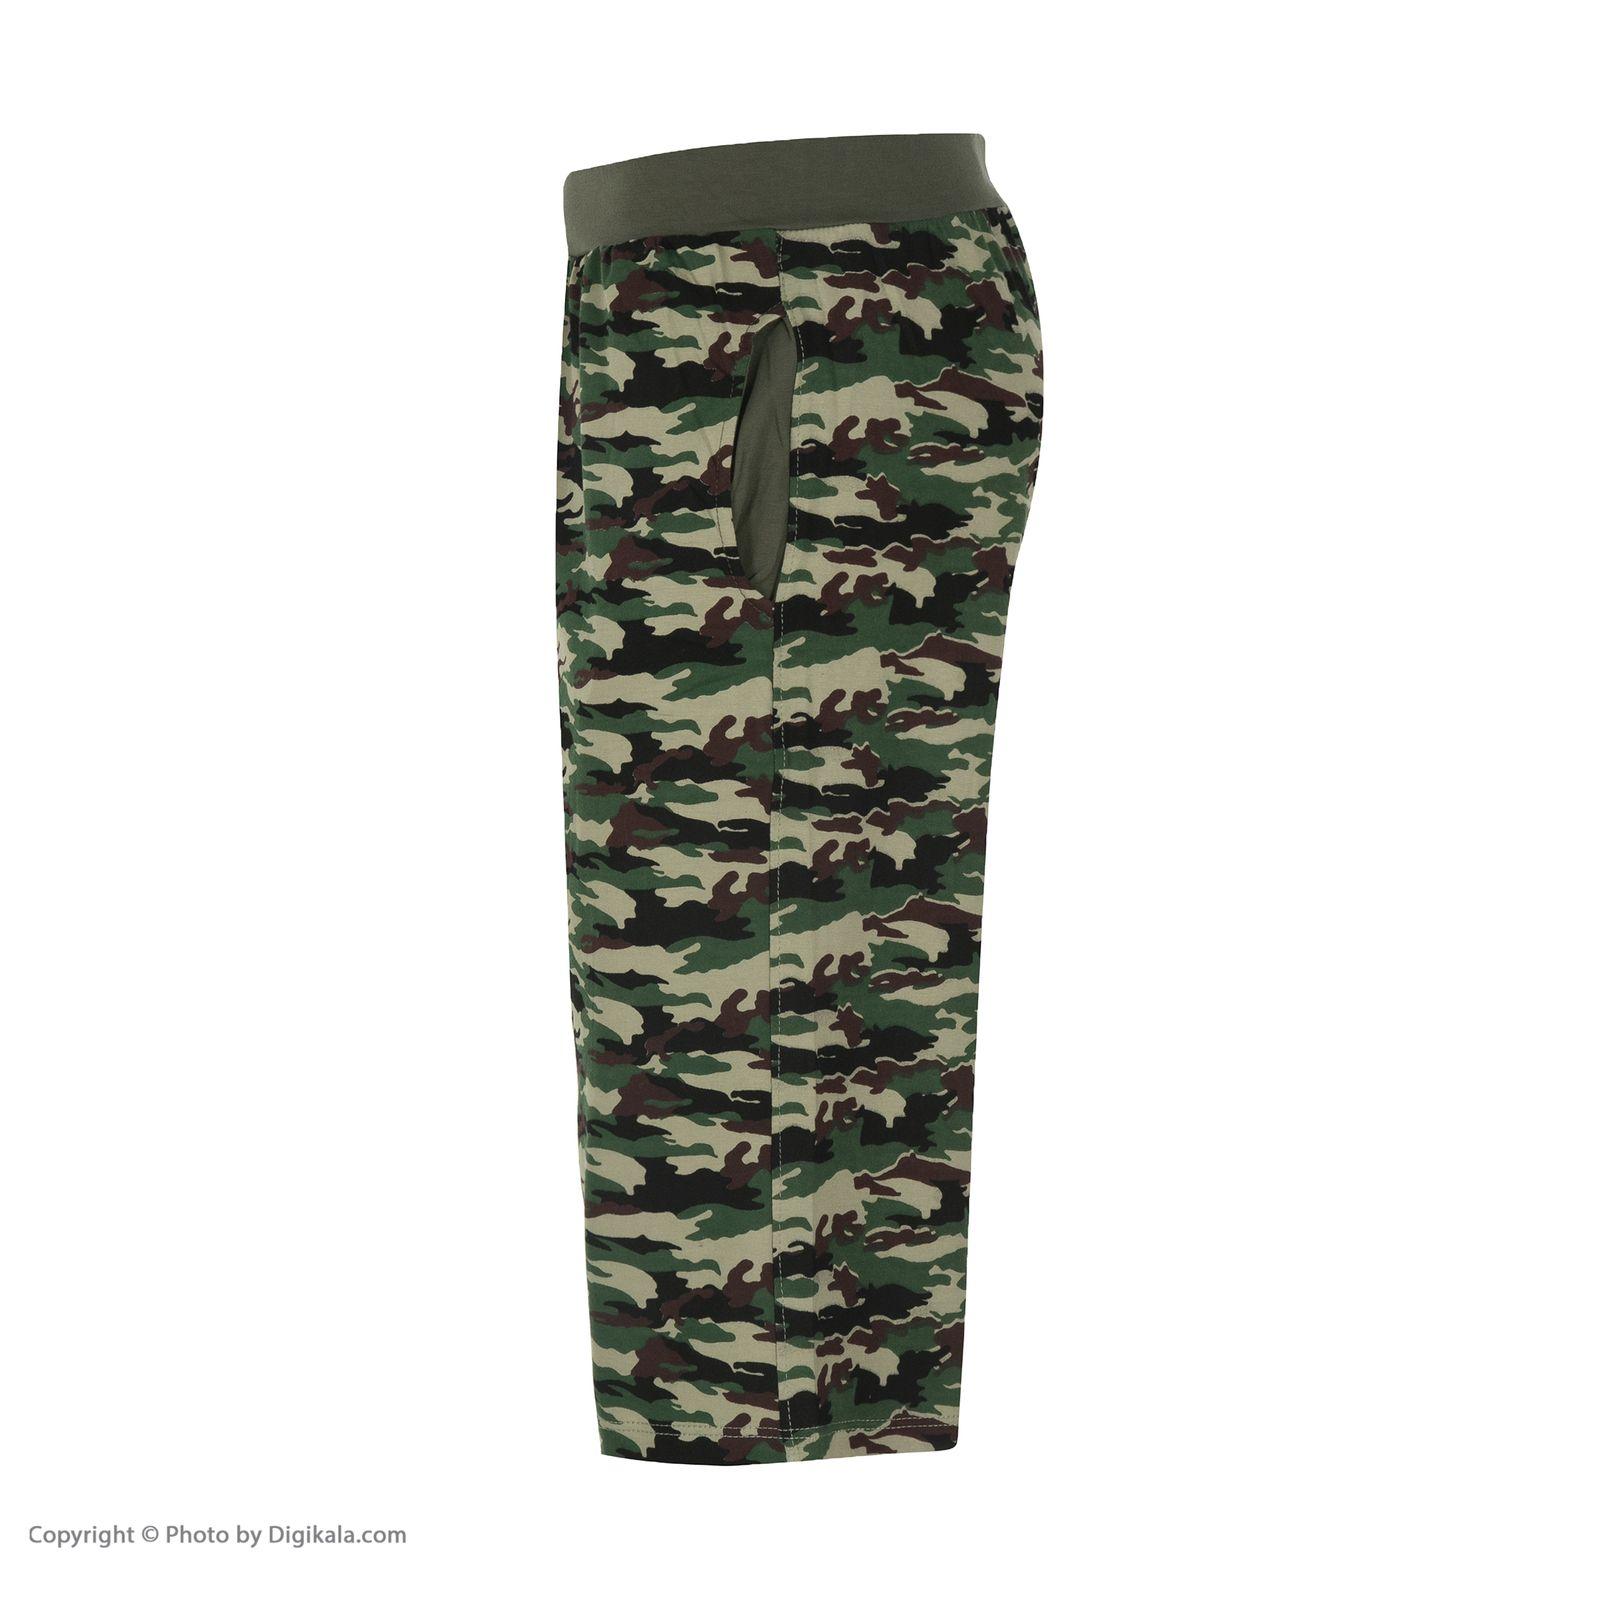 ست تی شرت و شلوارک راحتی مردانه مادر مدل 2041108-49 -  - 8